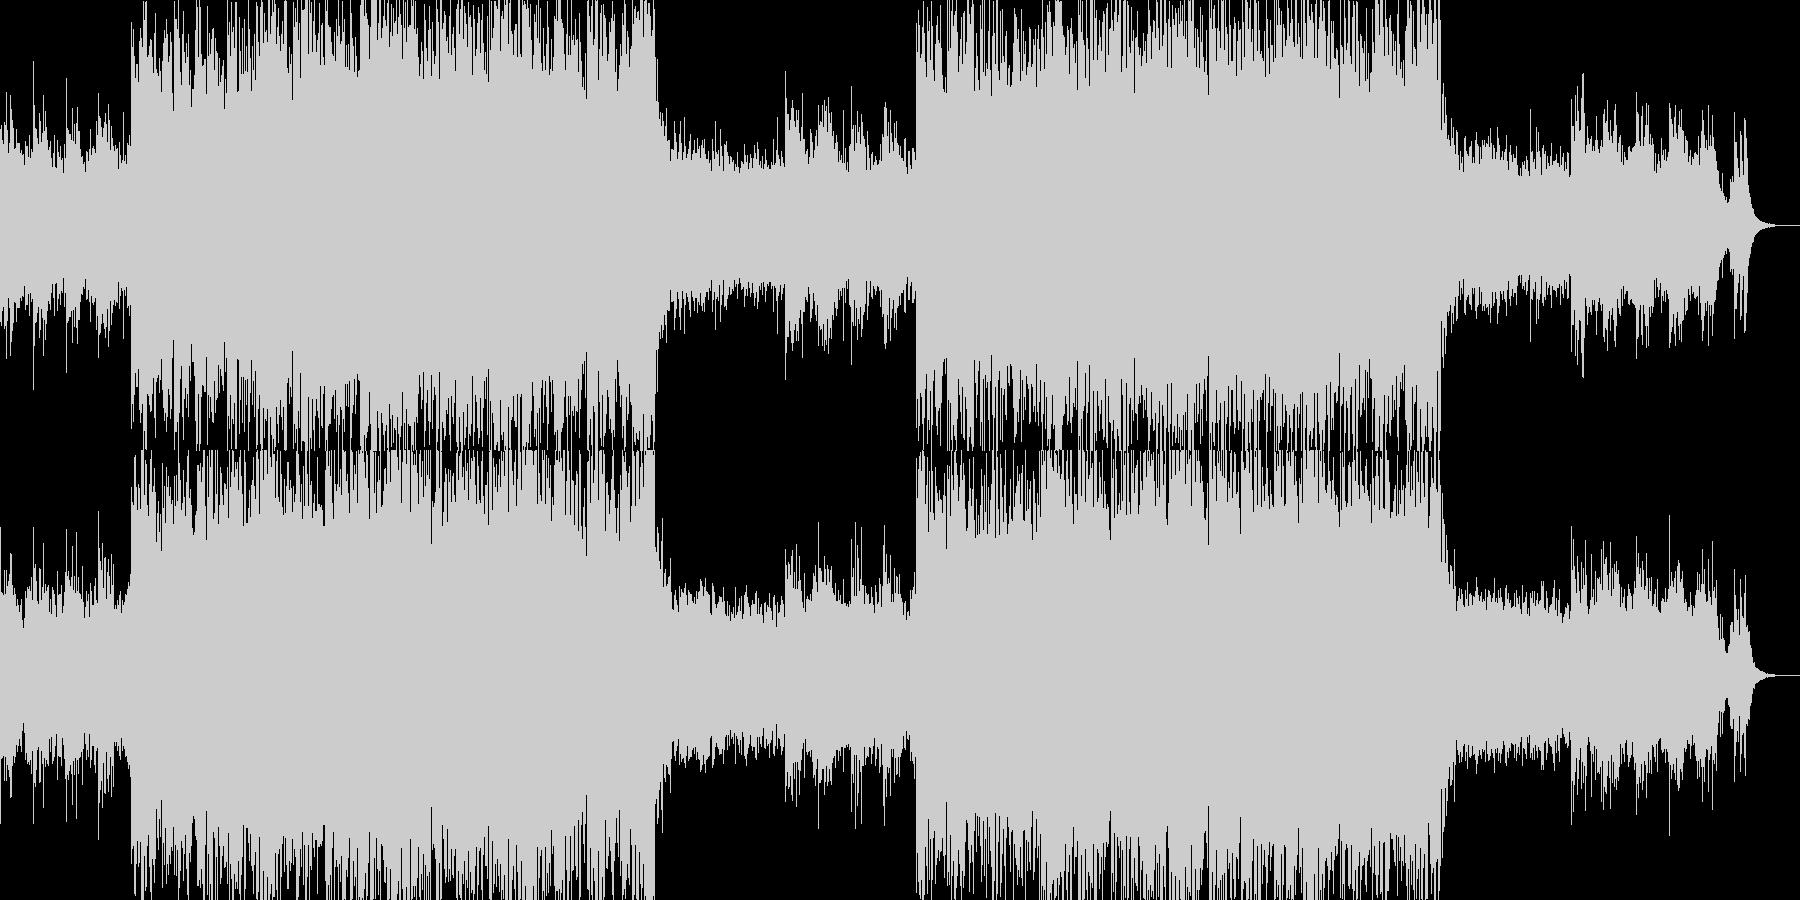 エレクトロなビート 激しい曲の未再生の波形